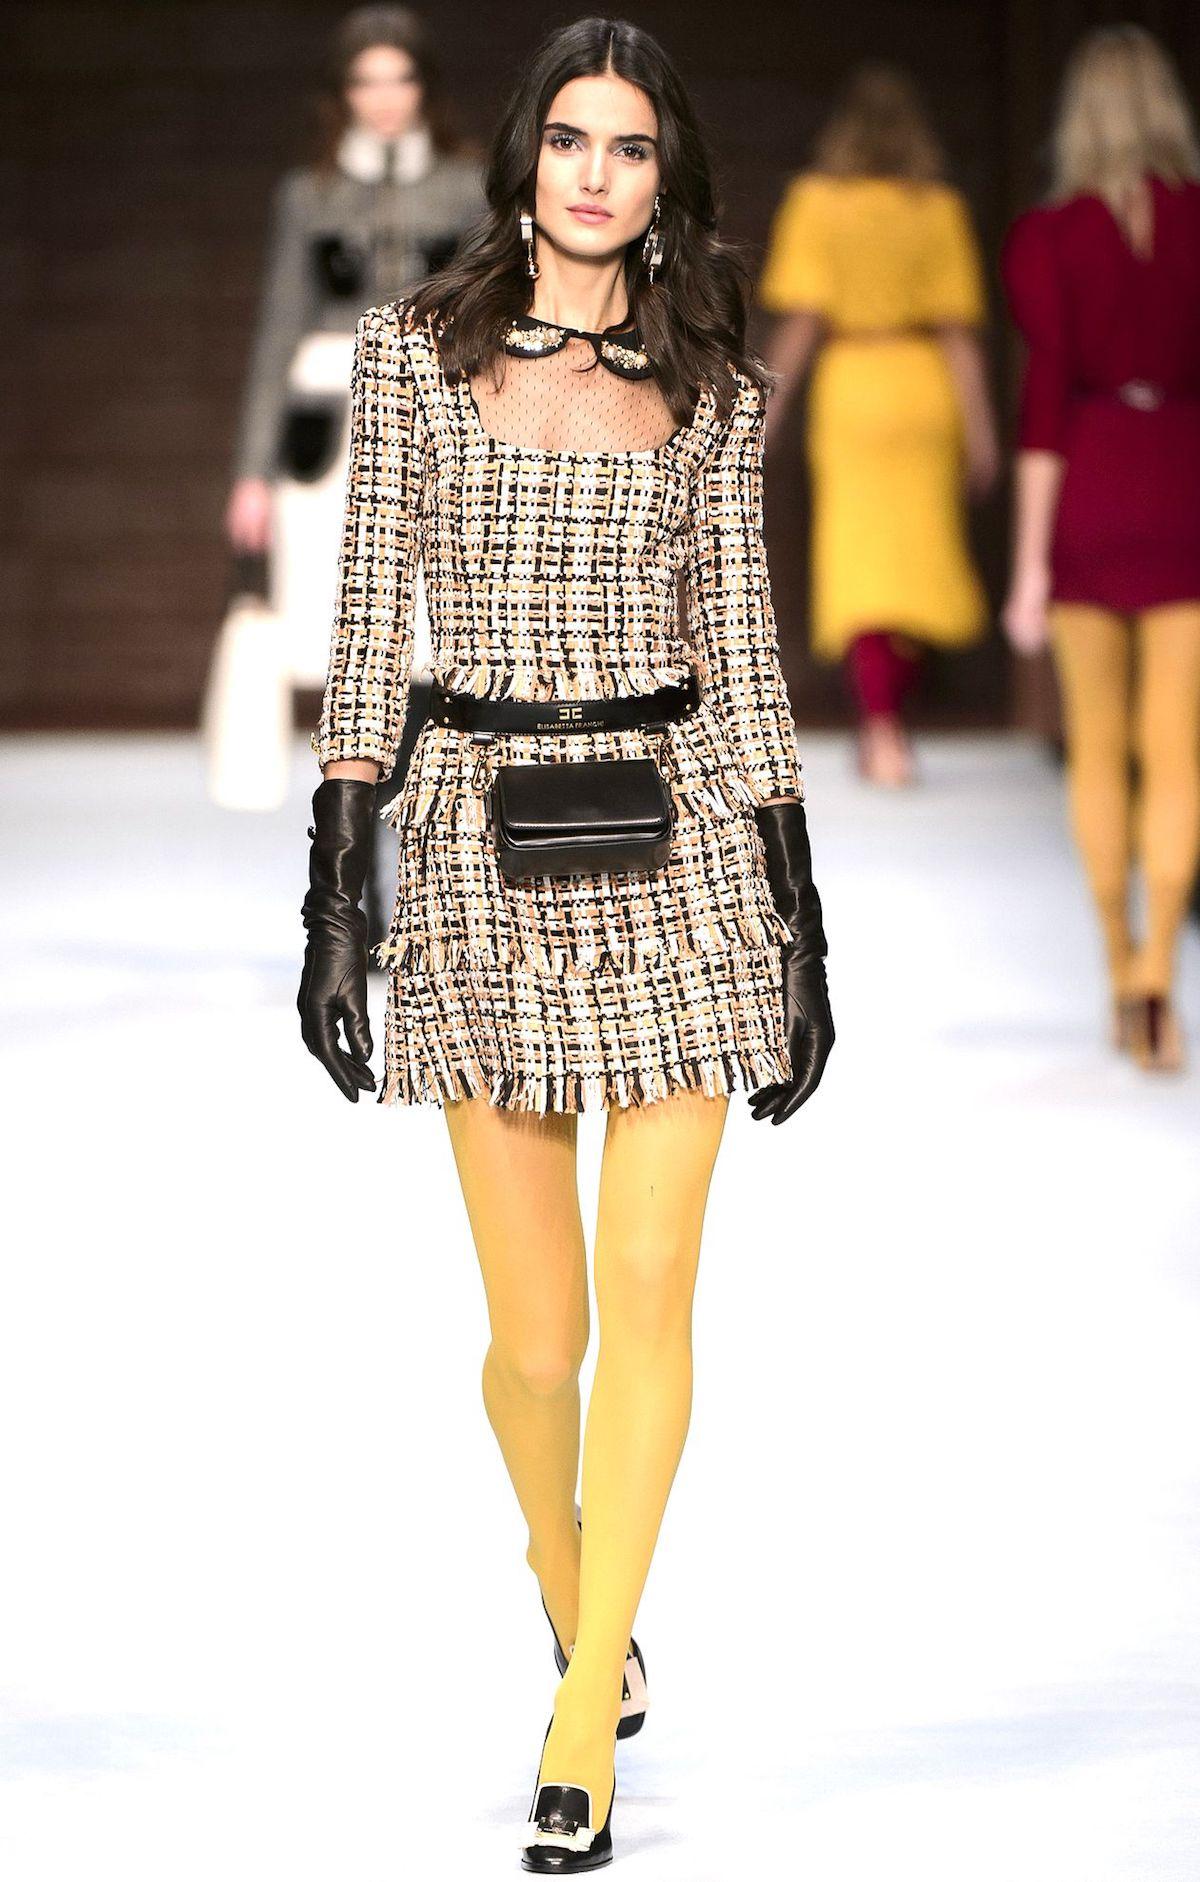 Jesenska-moda-trajnostno-beautyfull-blog-elisabetta-franchi